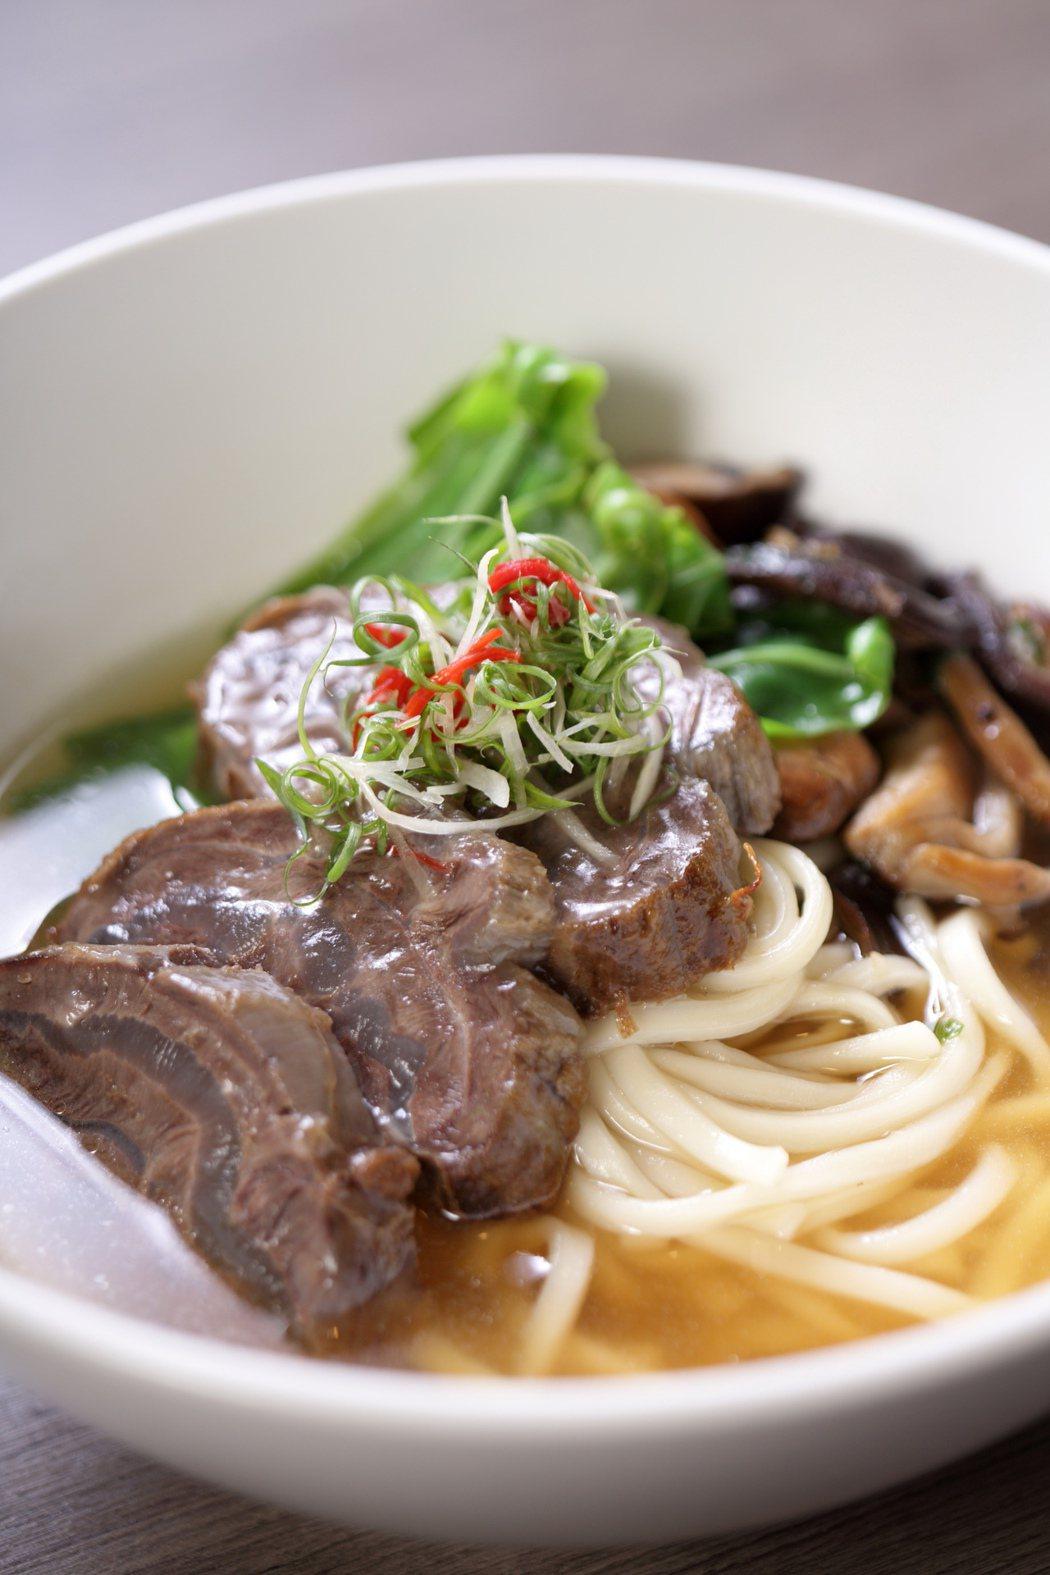 晶華酒店的冠軍清燉牛肉麵,在威尼斯號可以免費品嘗。圖/雄獅旅遊提供